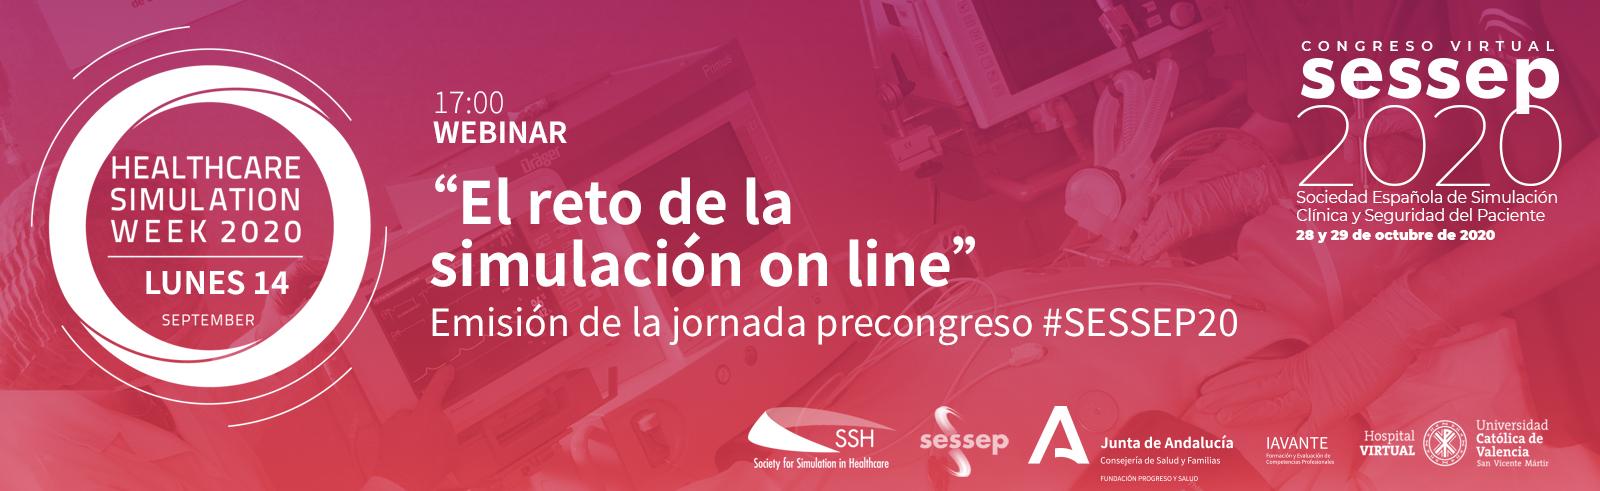 Curso Precongreso IAVANTE  SESSEP UCV